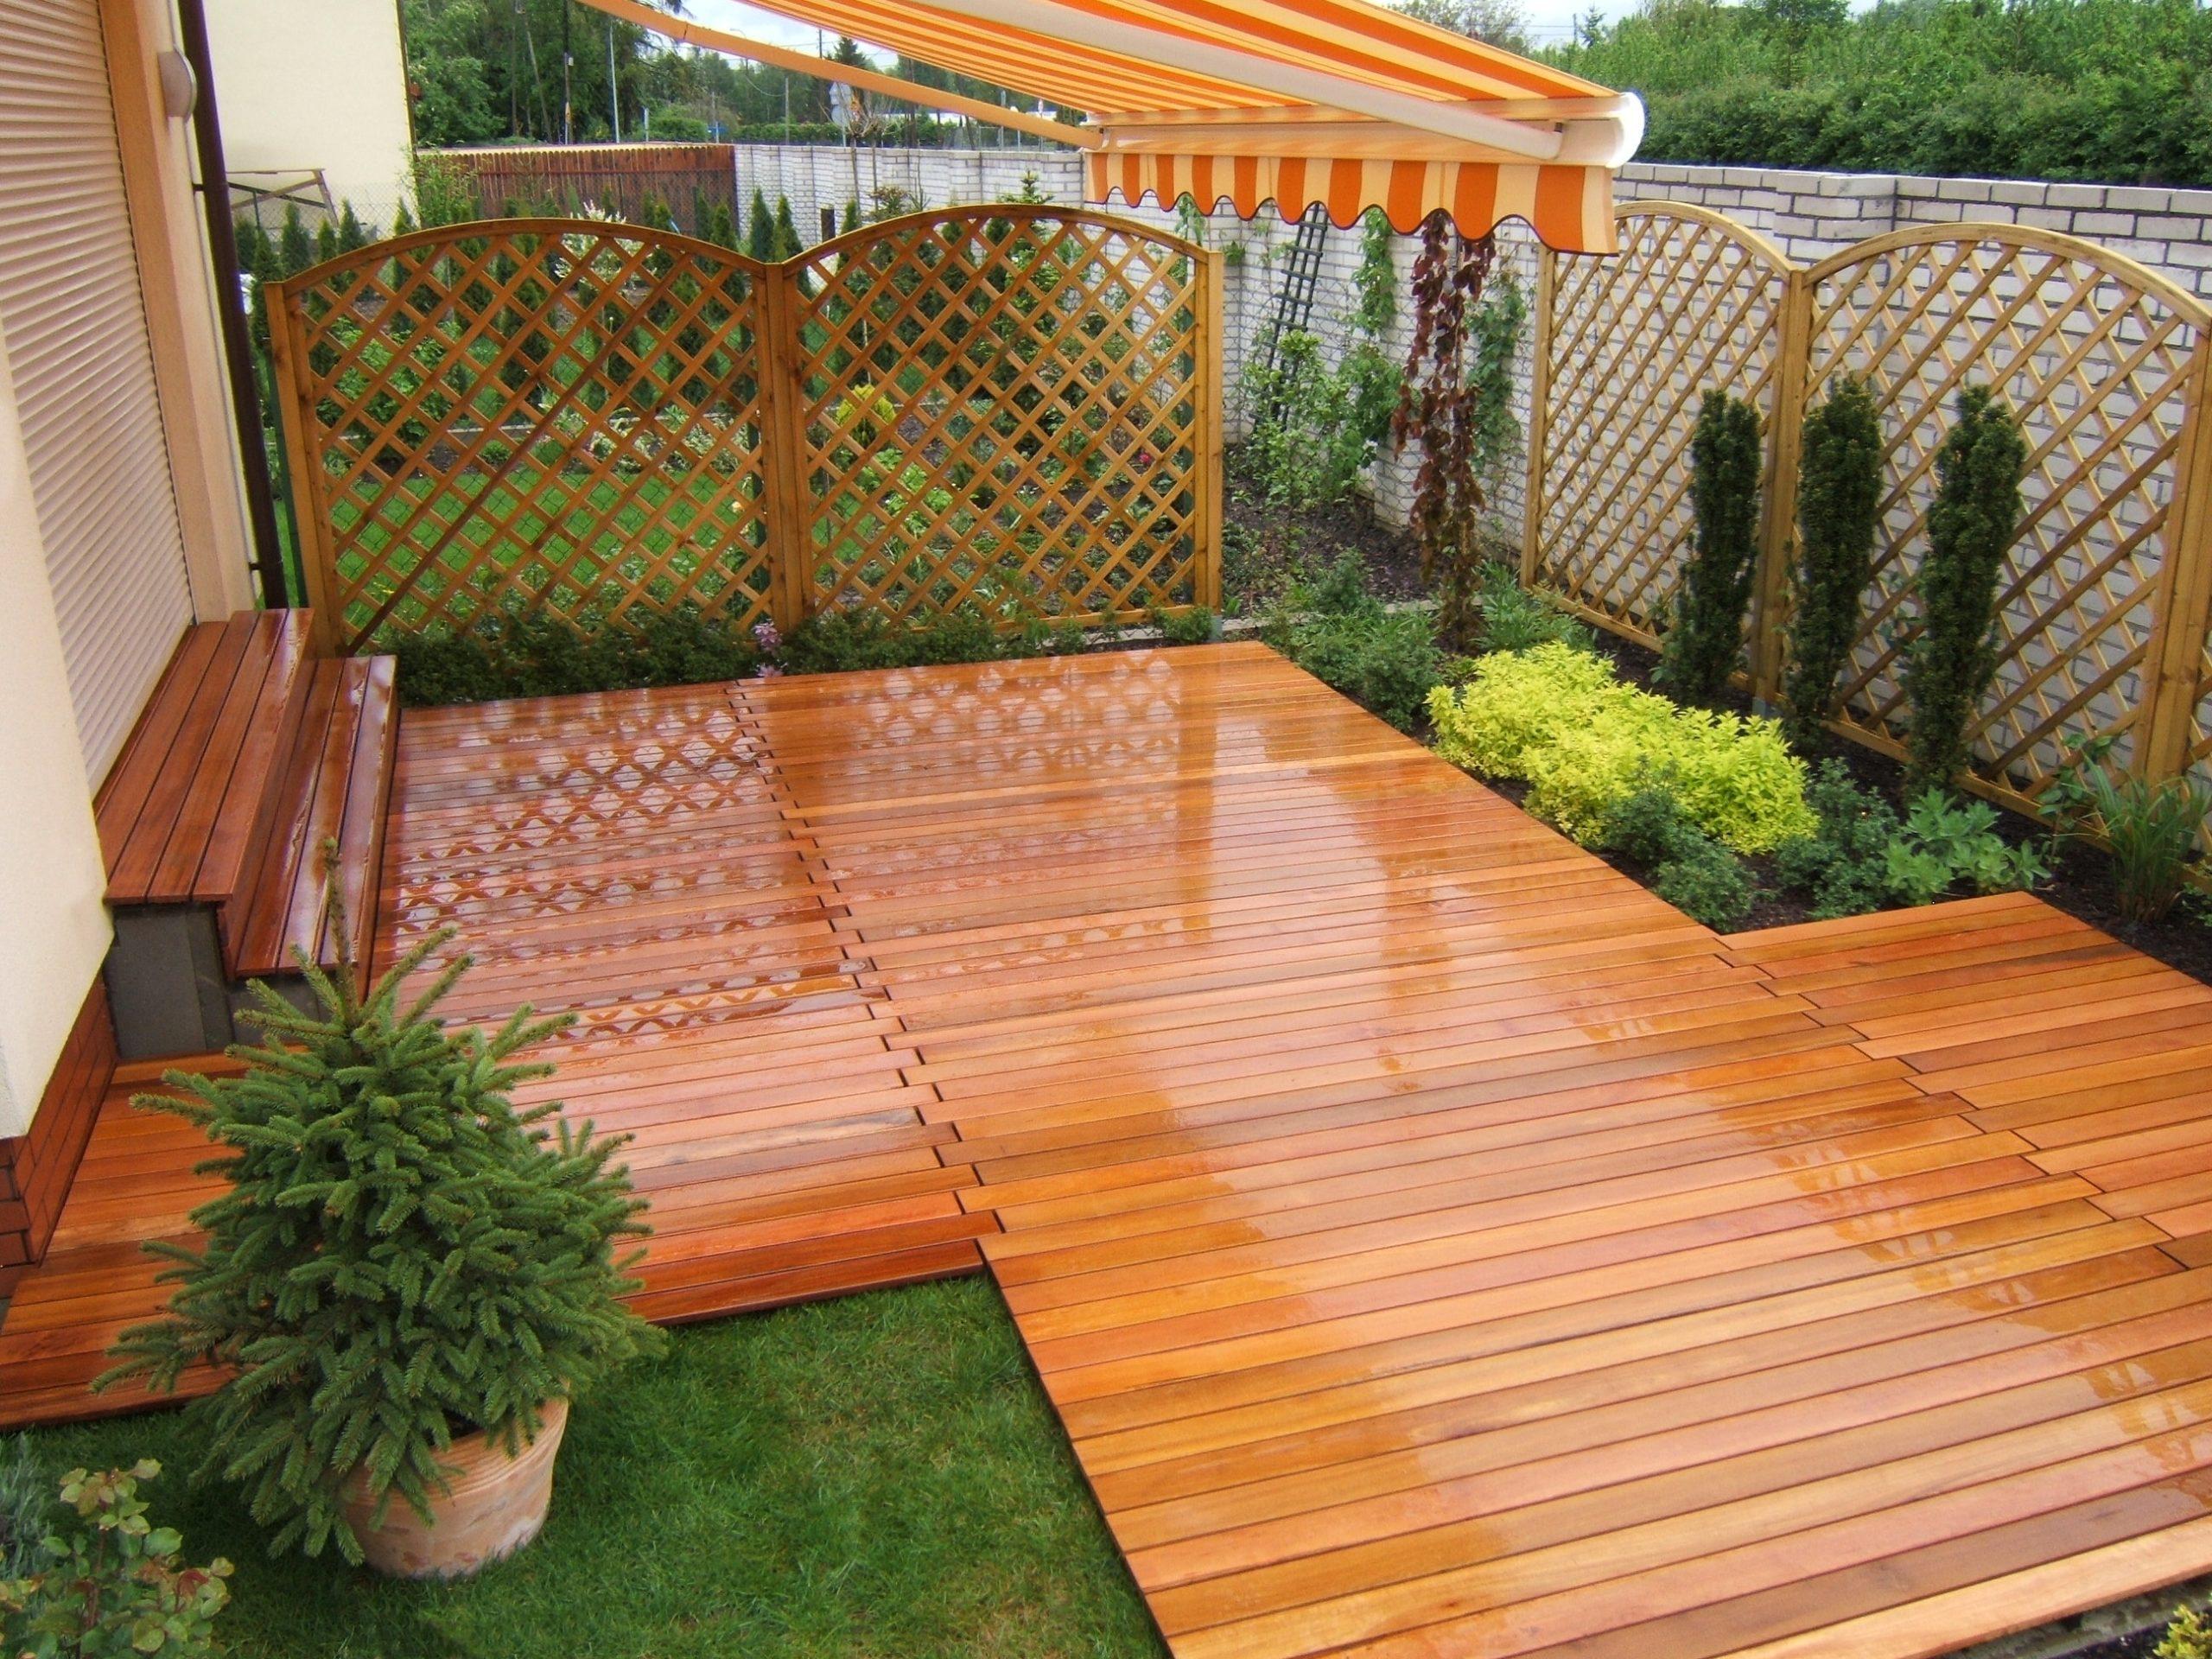 exotische Hartholzbretter auf einer belüfteten Terrasse auf dem Boden